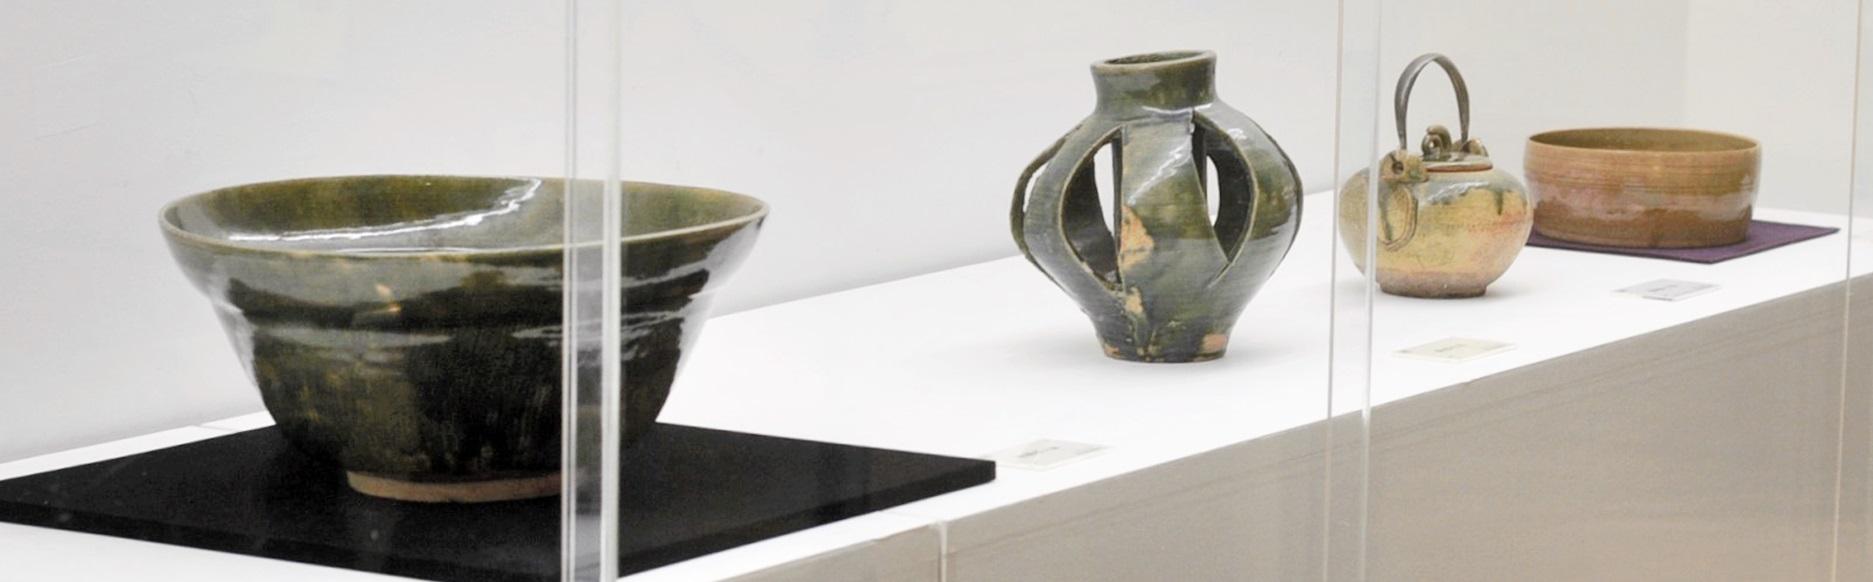 魯山人が手がけた織部焼の優品が並ぶ会場=福井県の福井市美術館